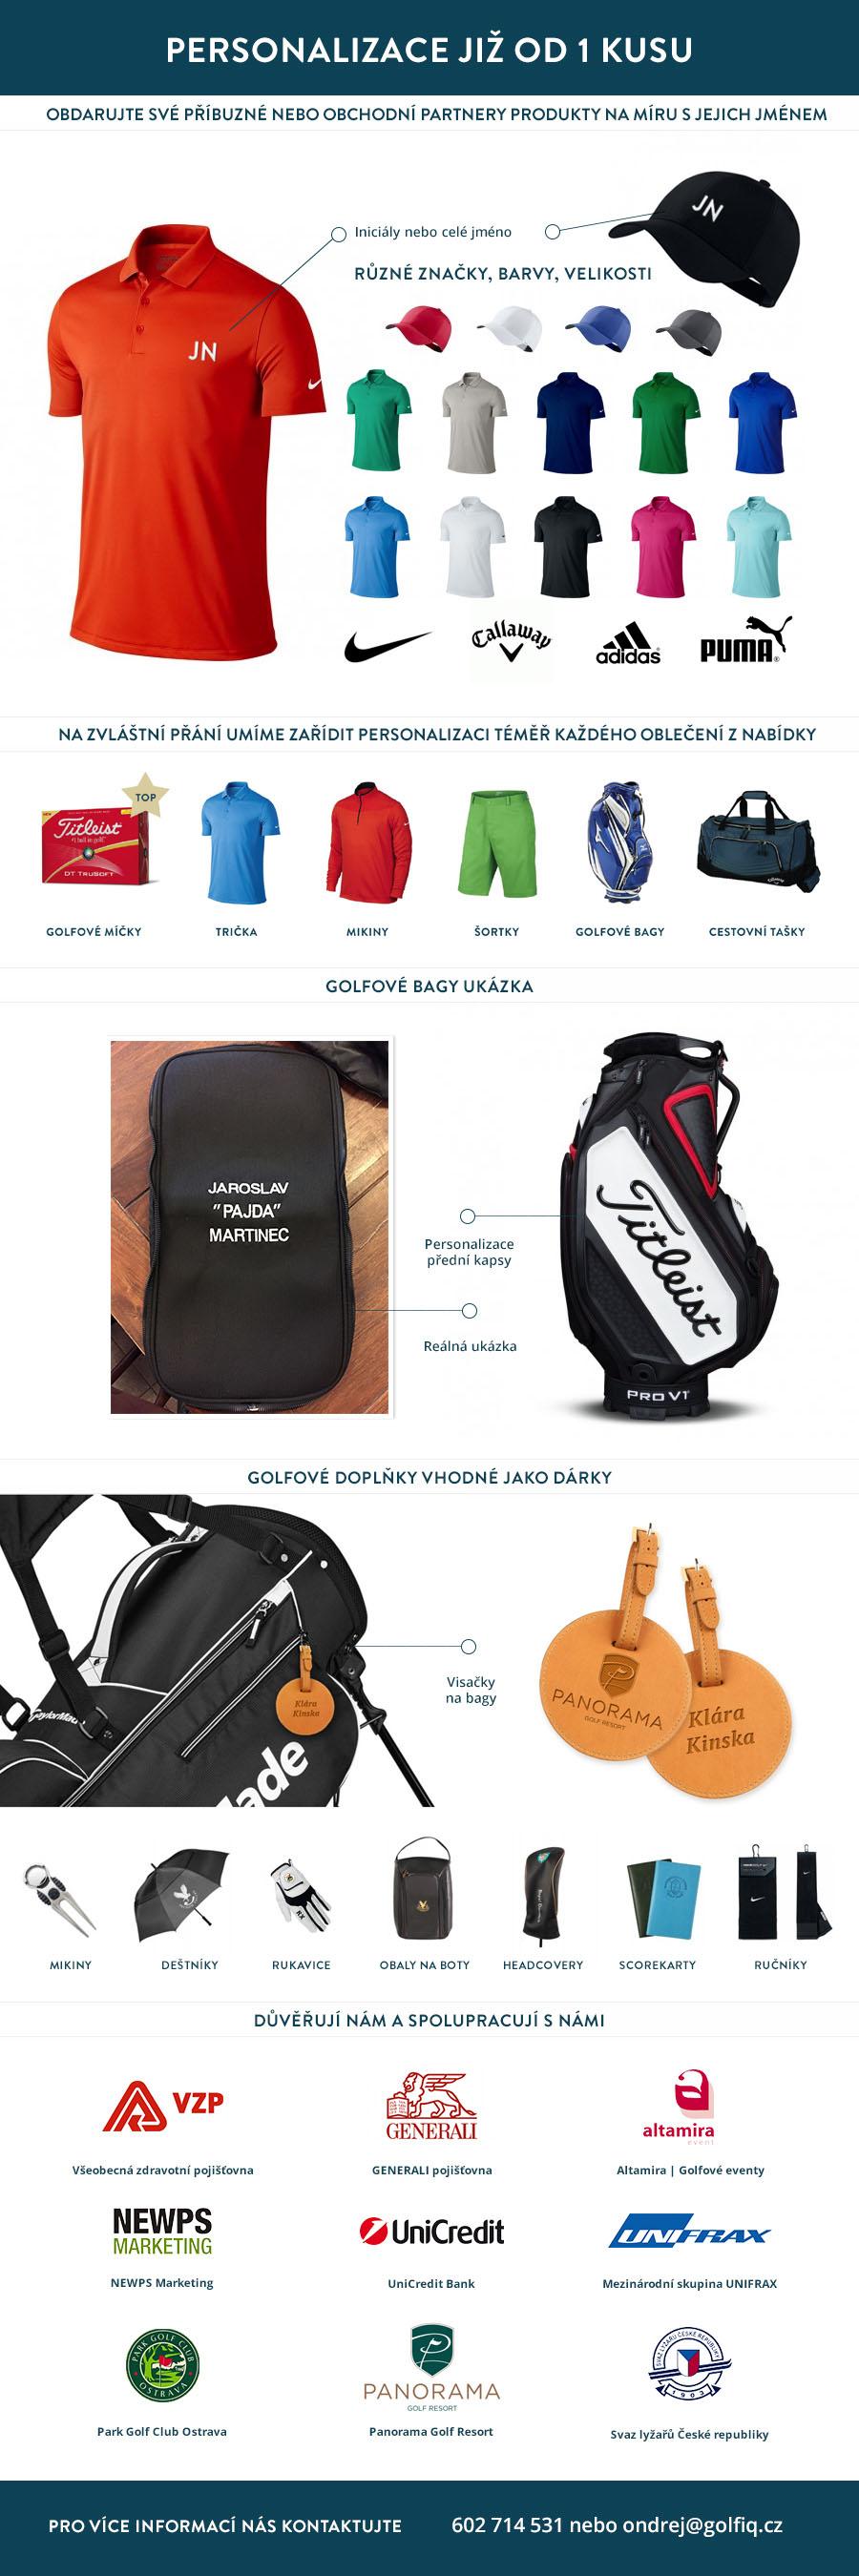 Personalizované golfové dárky a oblečení od 1 ks